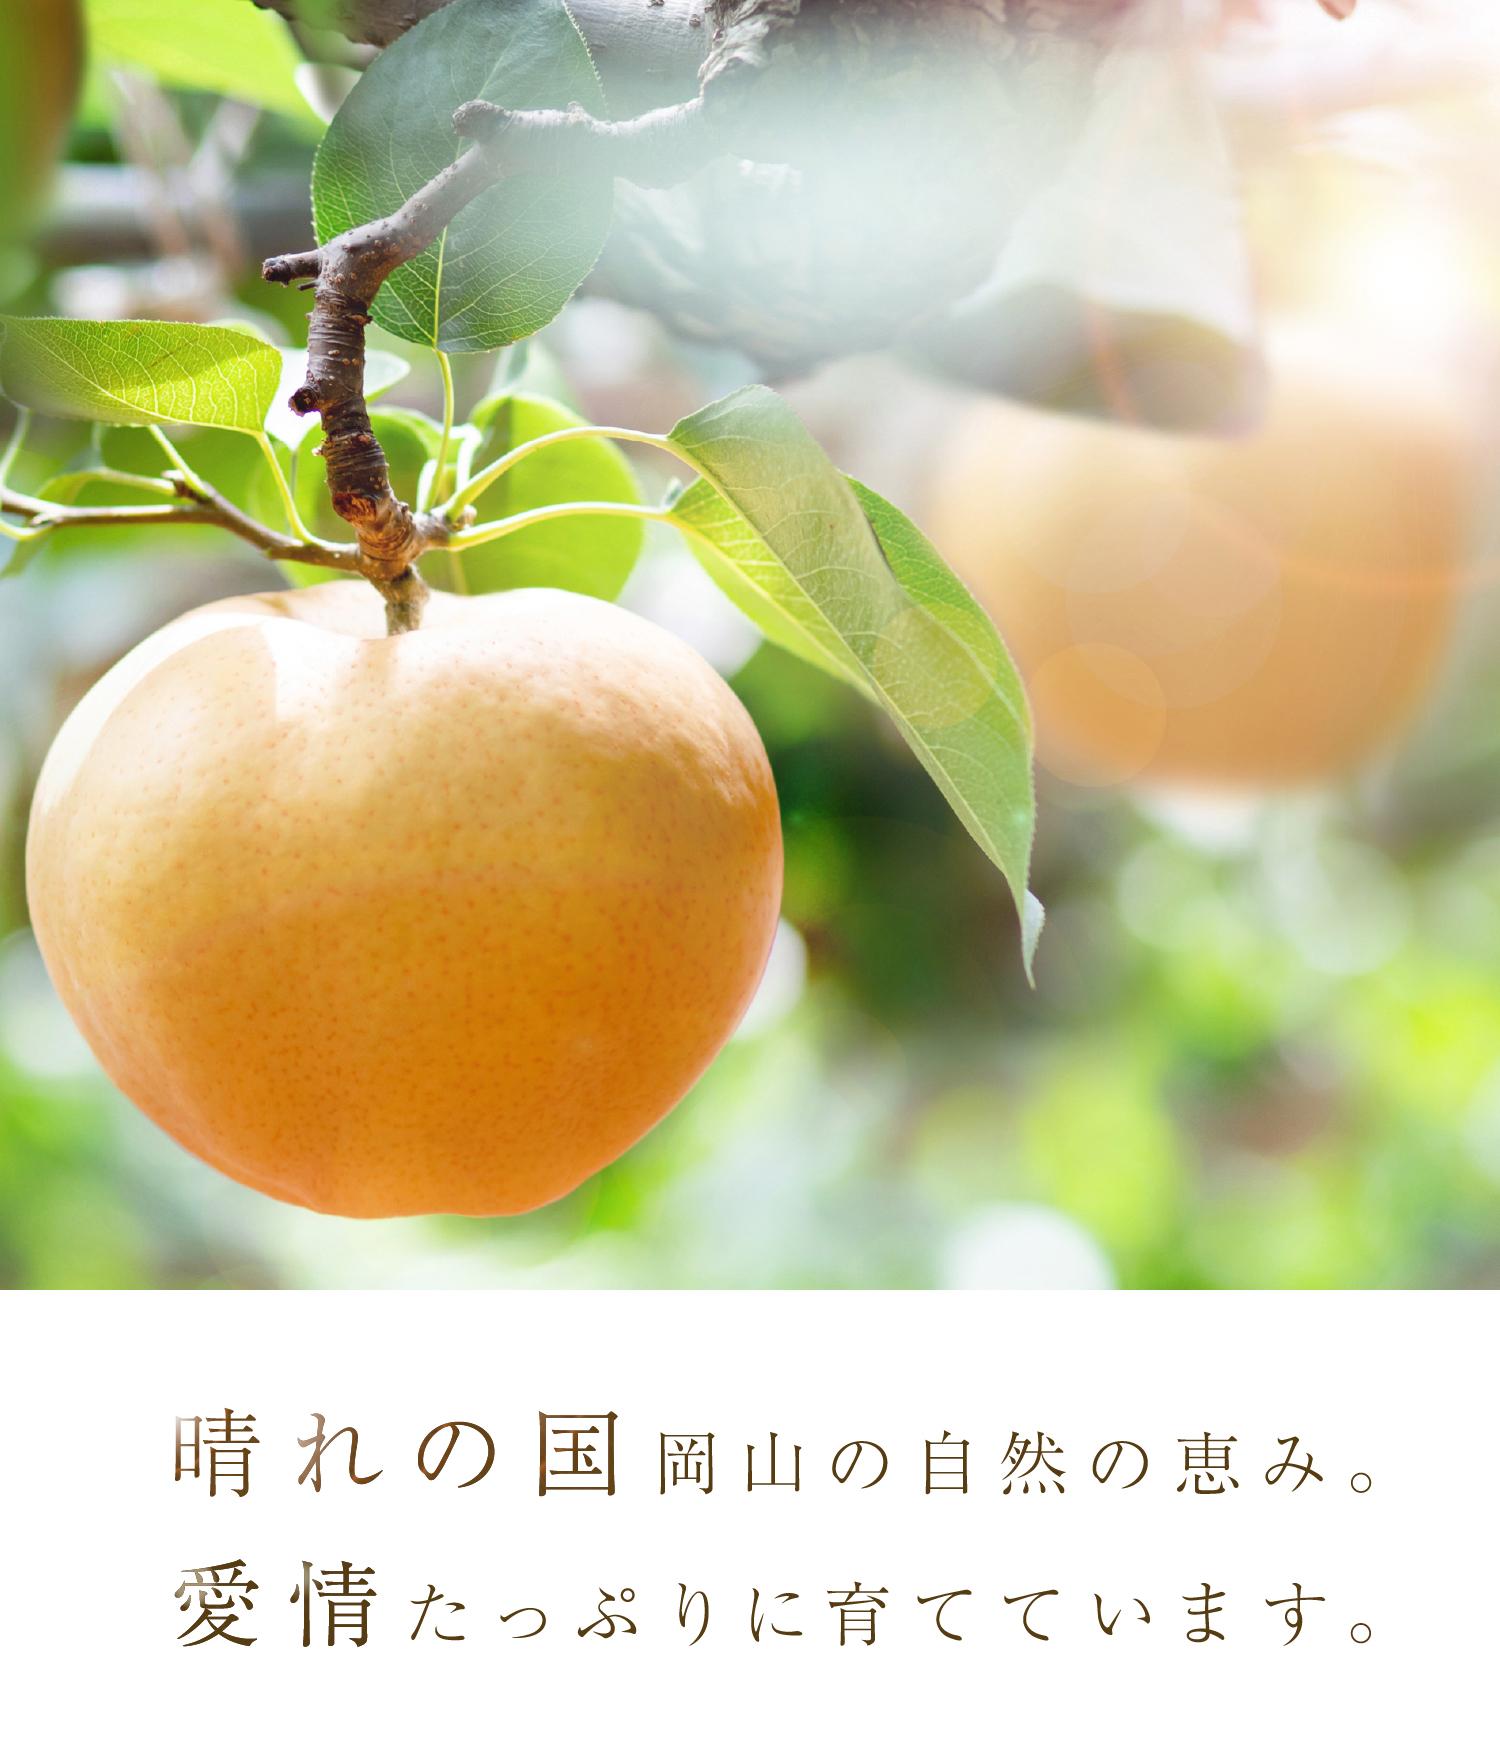 晴れの国岡山の自然の恵み。愛情たっぷりに育てています。